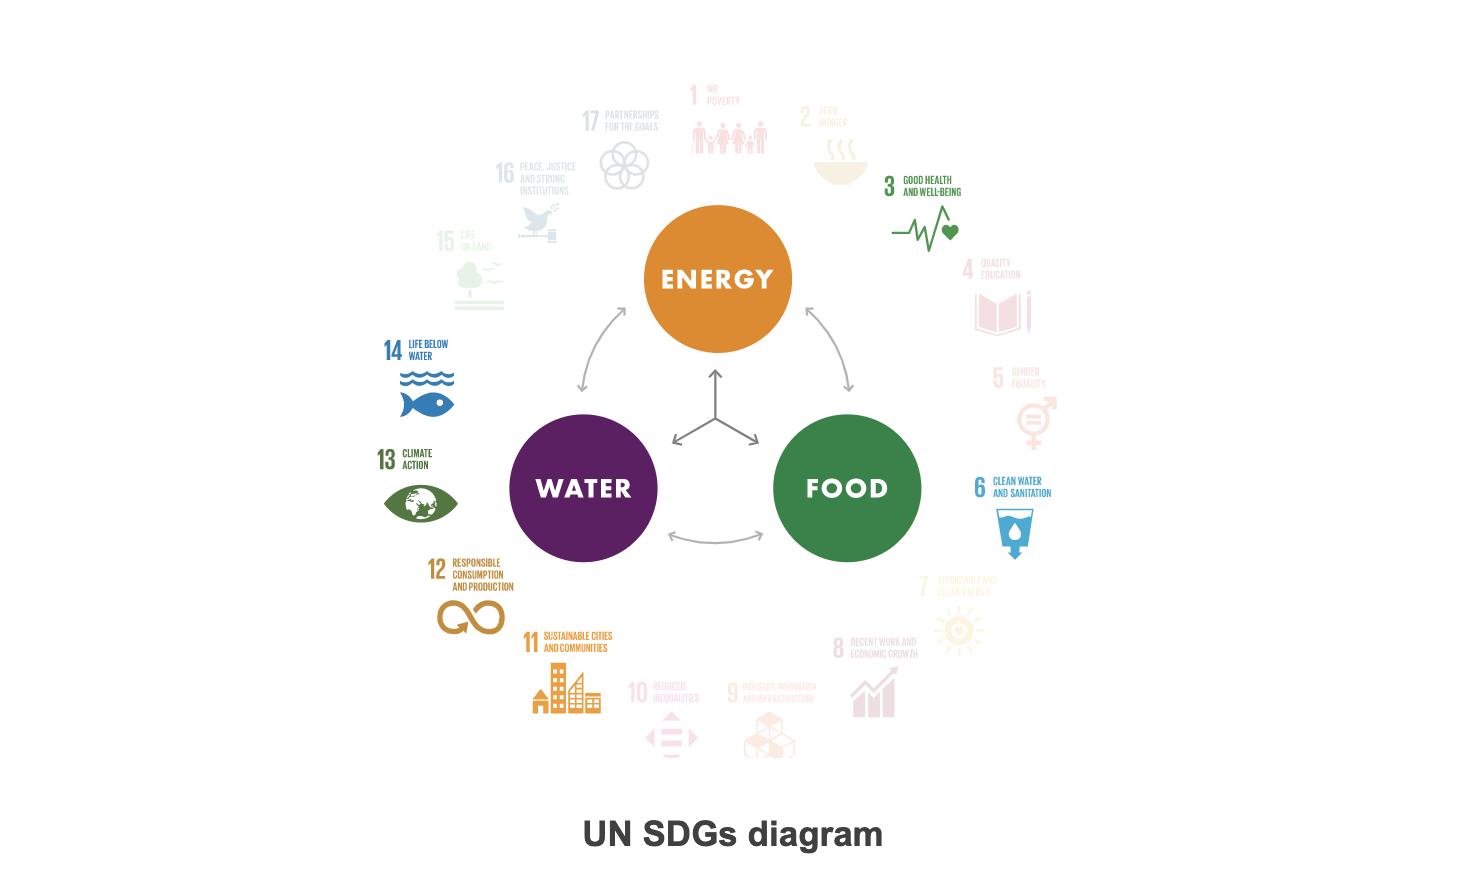 UN SDG diagram Philippines